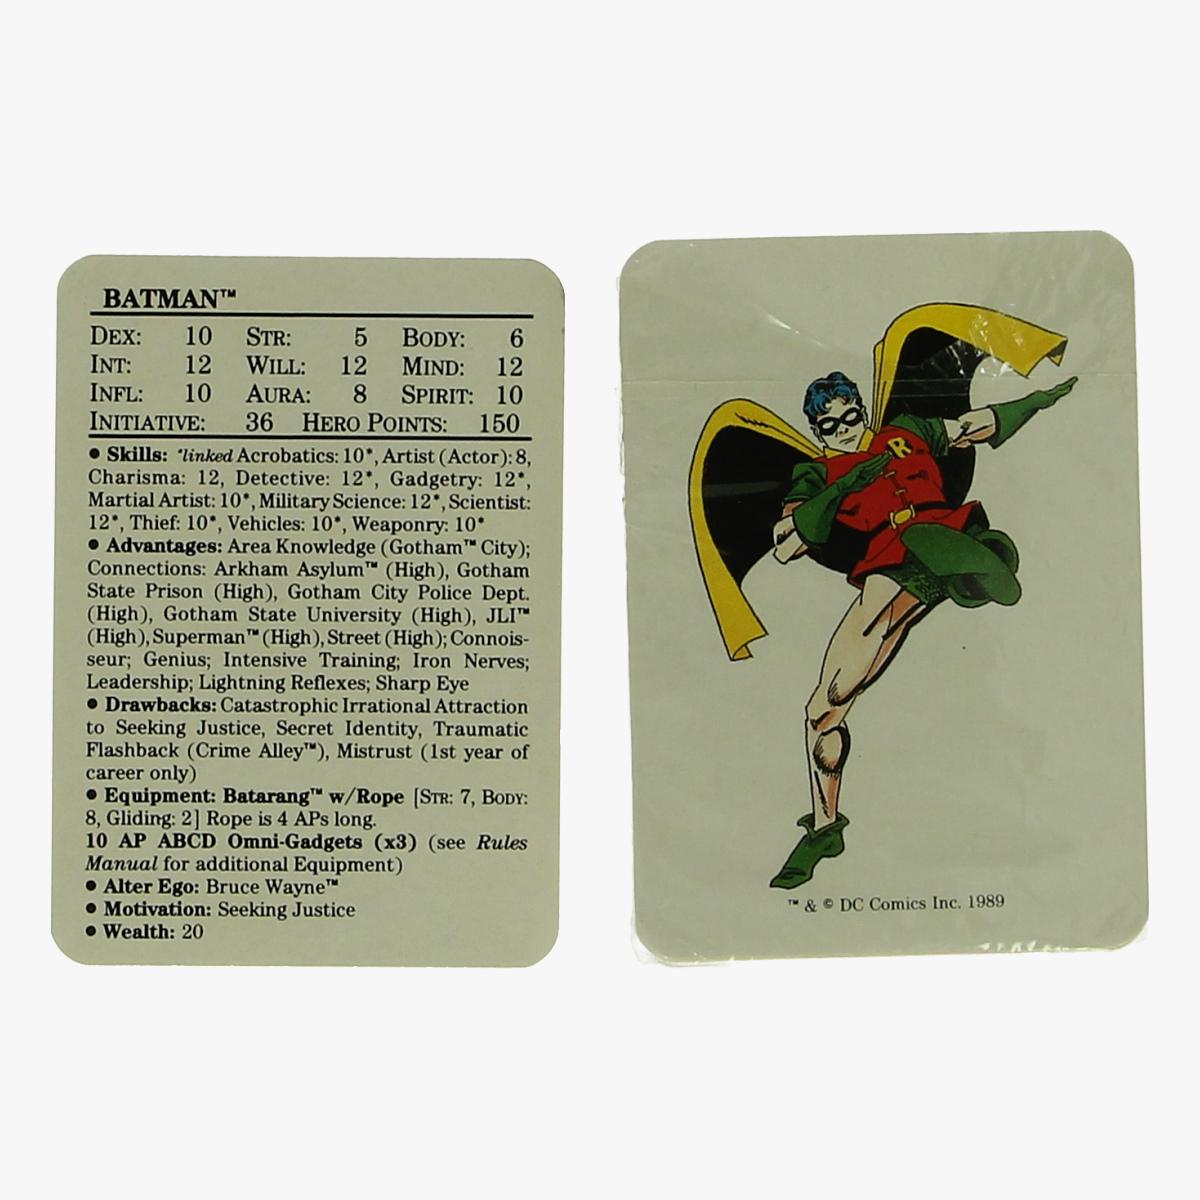 Afbeeldingen van kwartetspel batman 1989